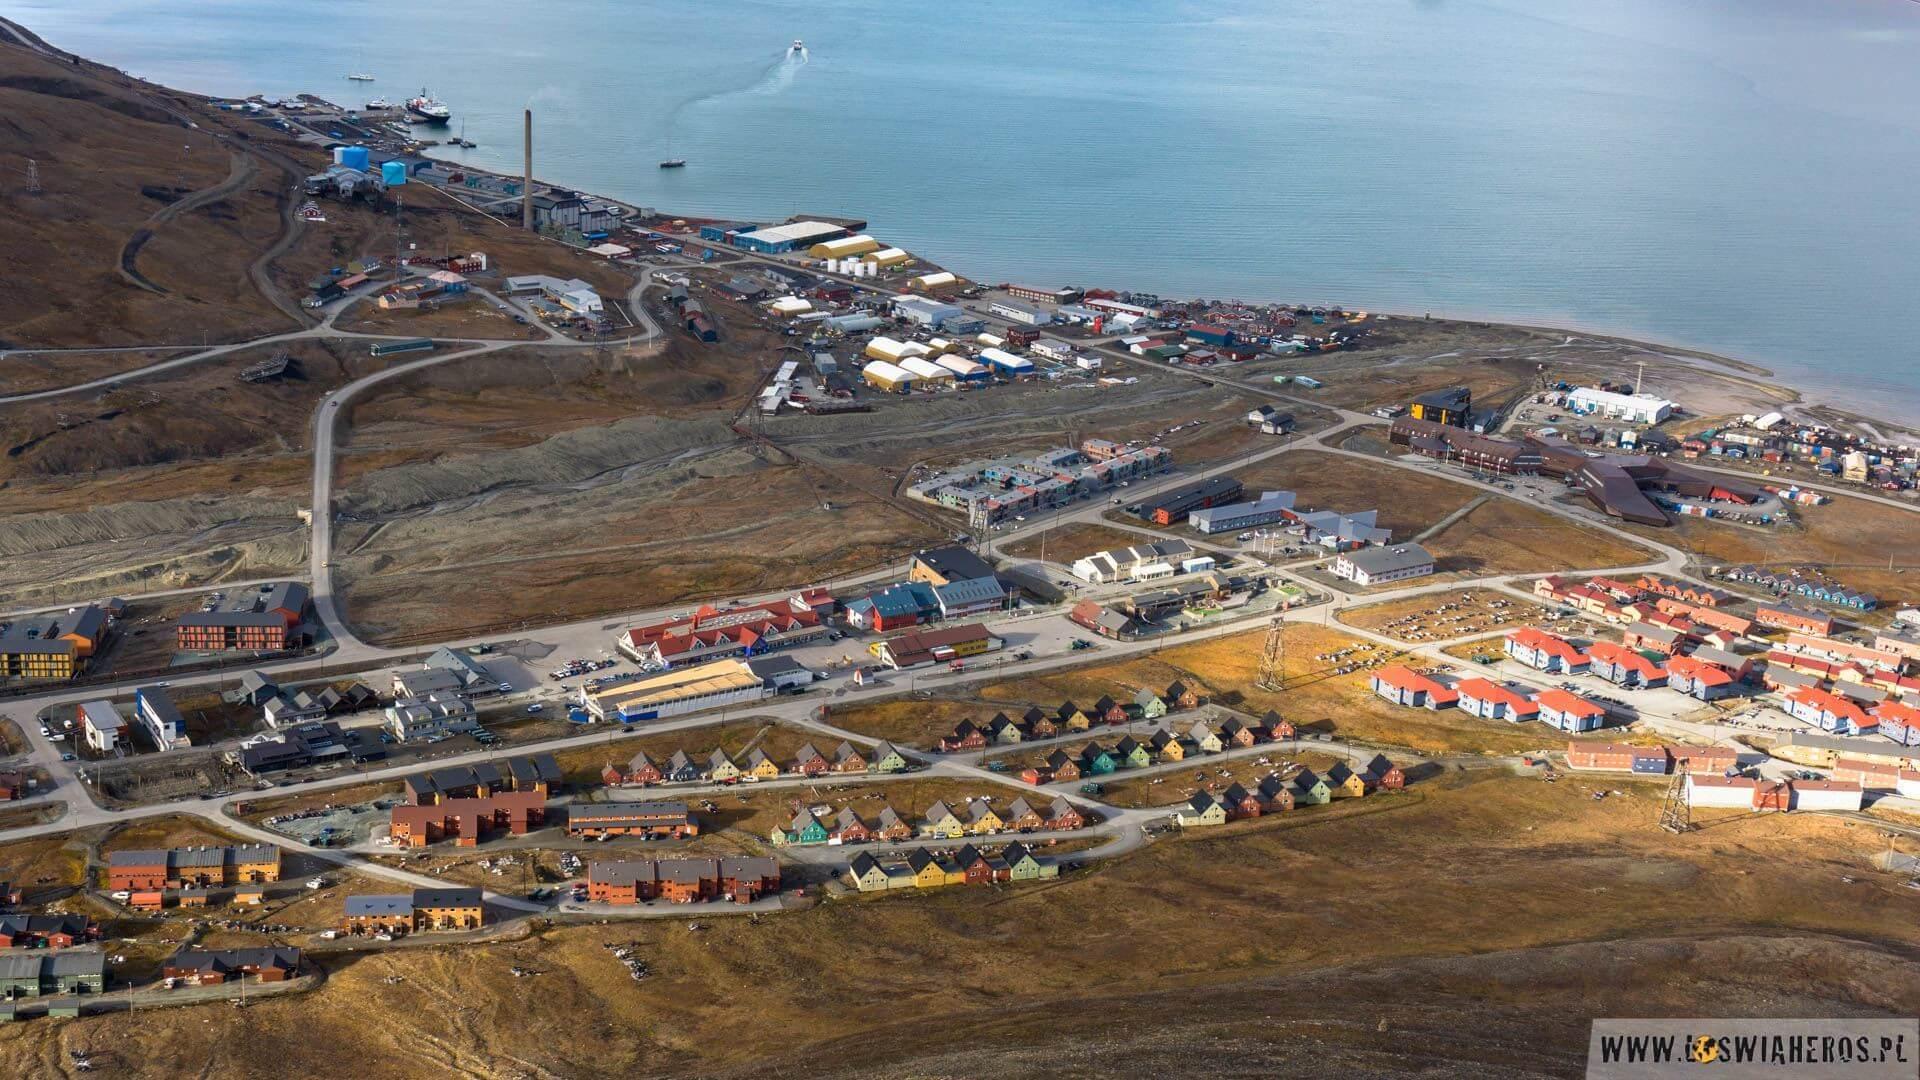 Longyearbyean - największa osada na Spitsbergenie, bo ja jednak mam poważny problem, aby nazywać to miastem. Mogę zgodzić się na wioskę, bo trochę kojarzy mi się z jakąś norweską wioską, a szczególnie ta dzielnica domków jednorodzinnych na dole zdjęcia. Urokliwa jest - nie da się ukryć.